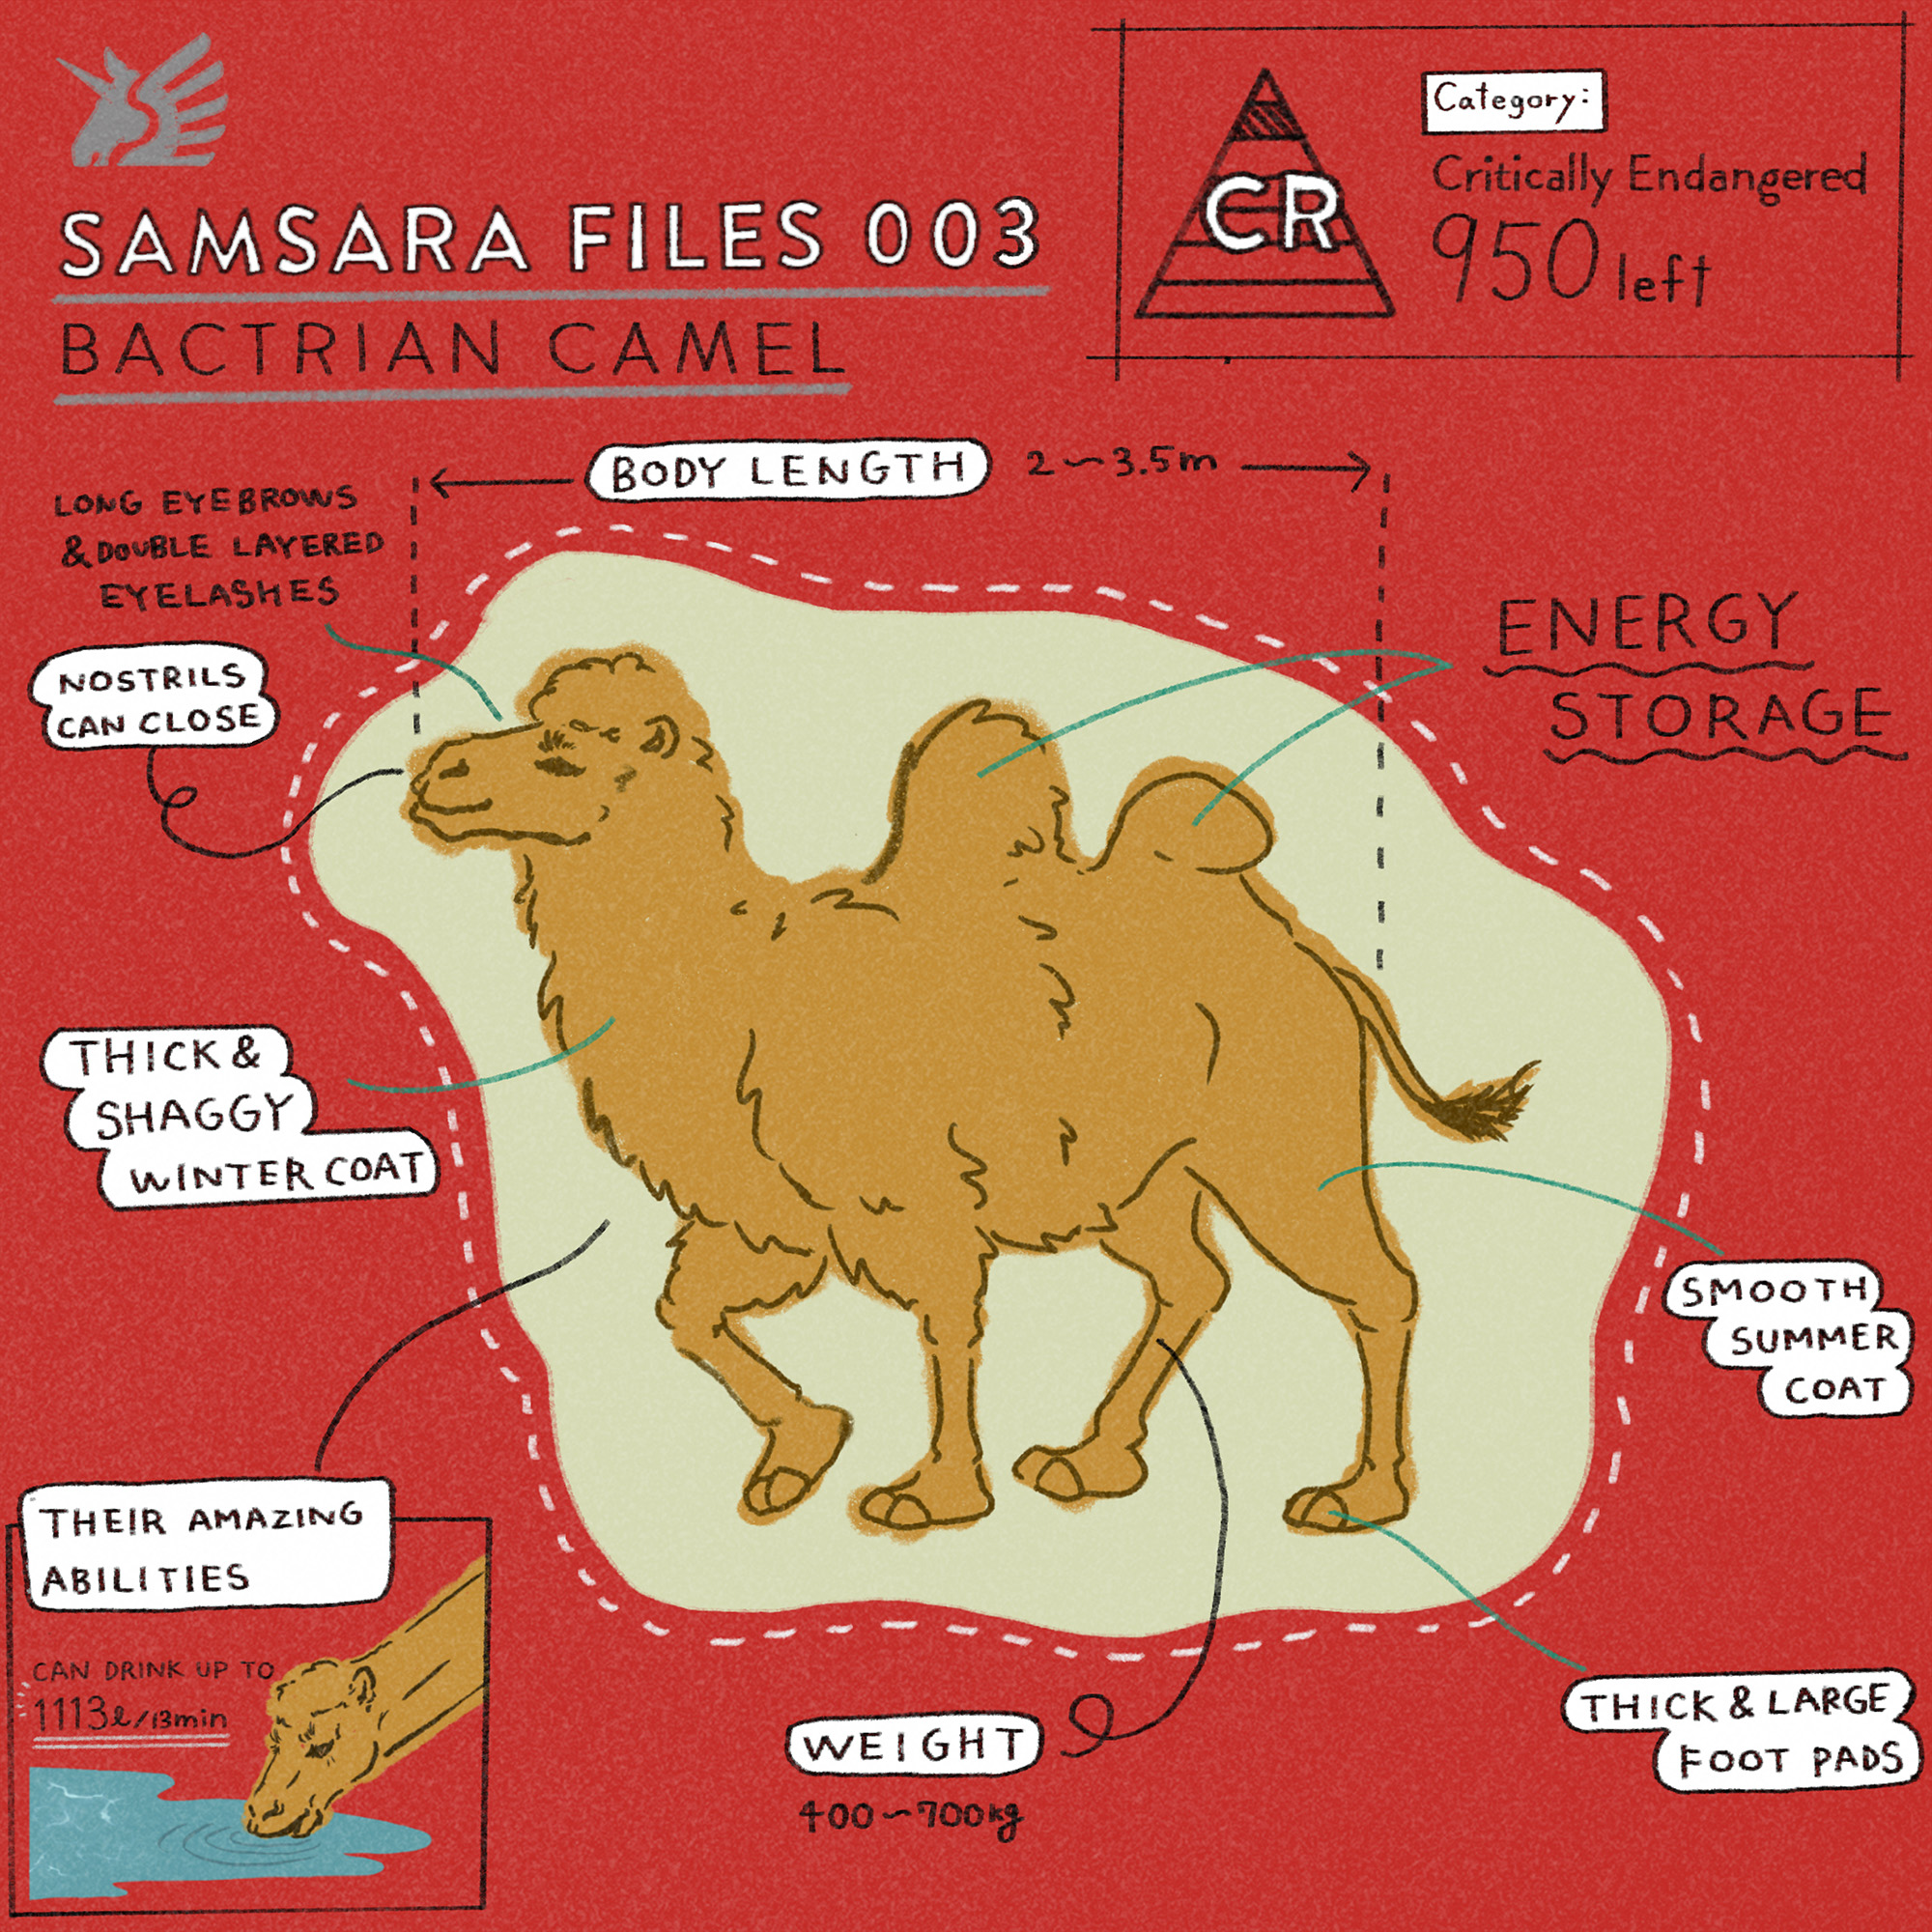 フェアトレードグッズで扱った絶滅危惧種の動物フタコブラクダ